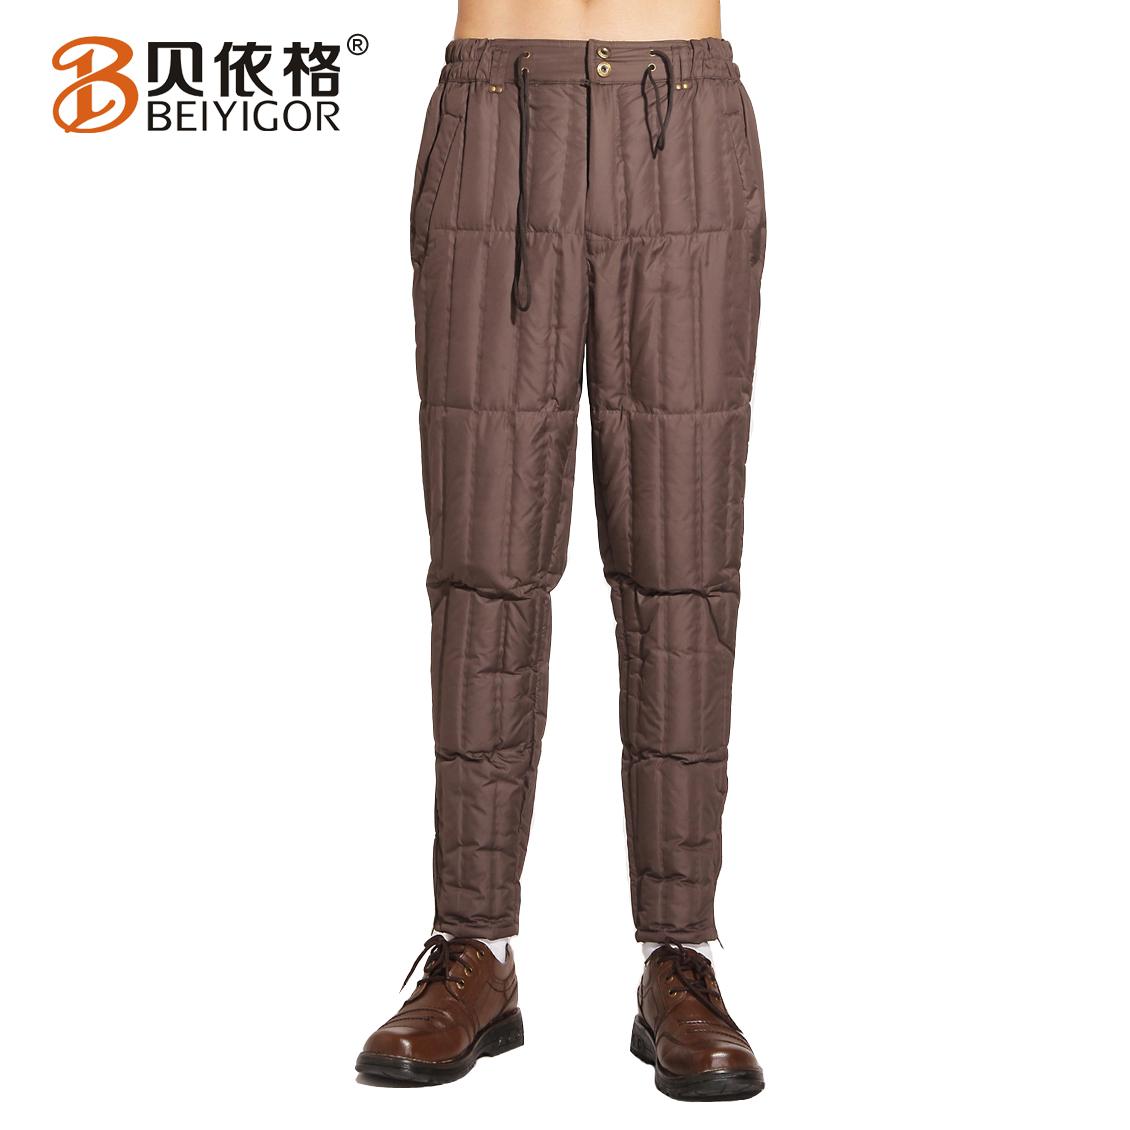 Утепленные штаны Bayh grid W/13 90